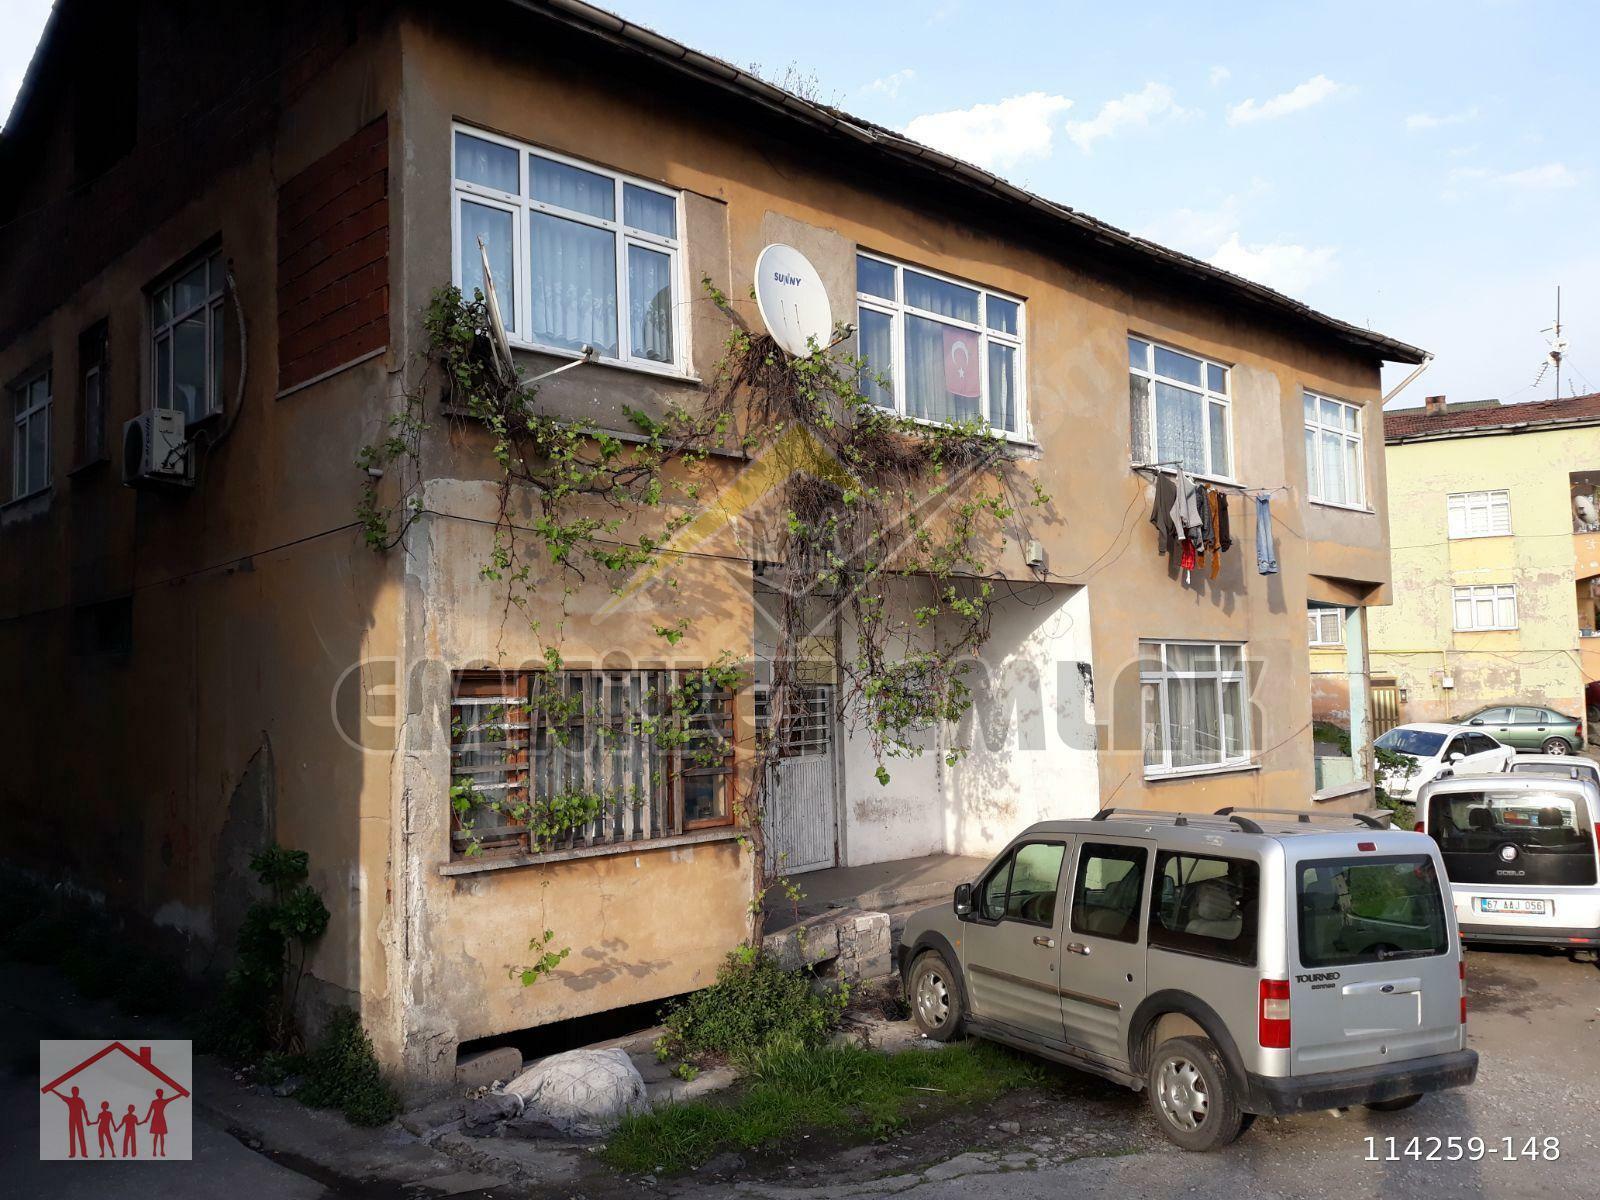 ELMATEPE MAHALLESİNDE CADDE ÜZERİ SATILIK BİNA